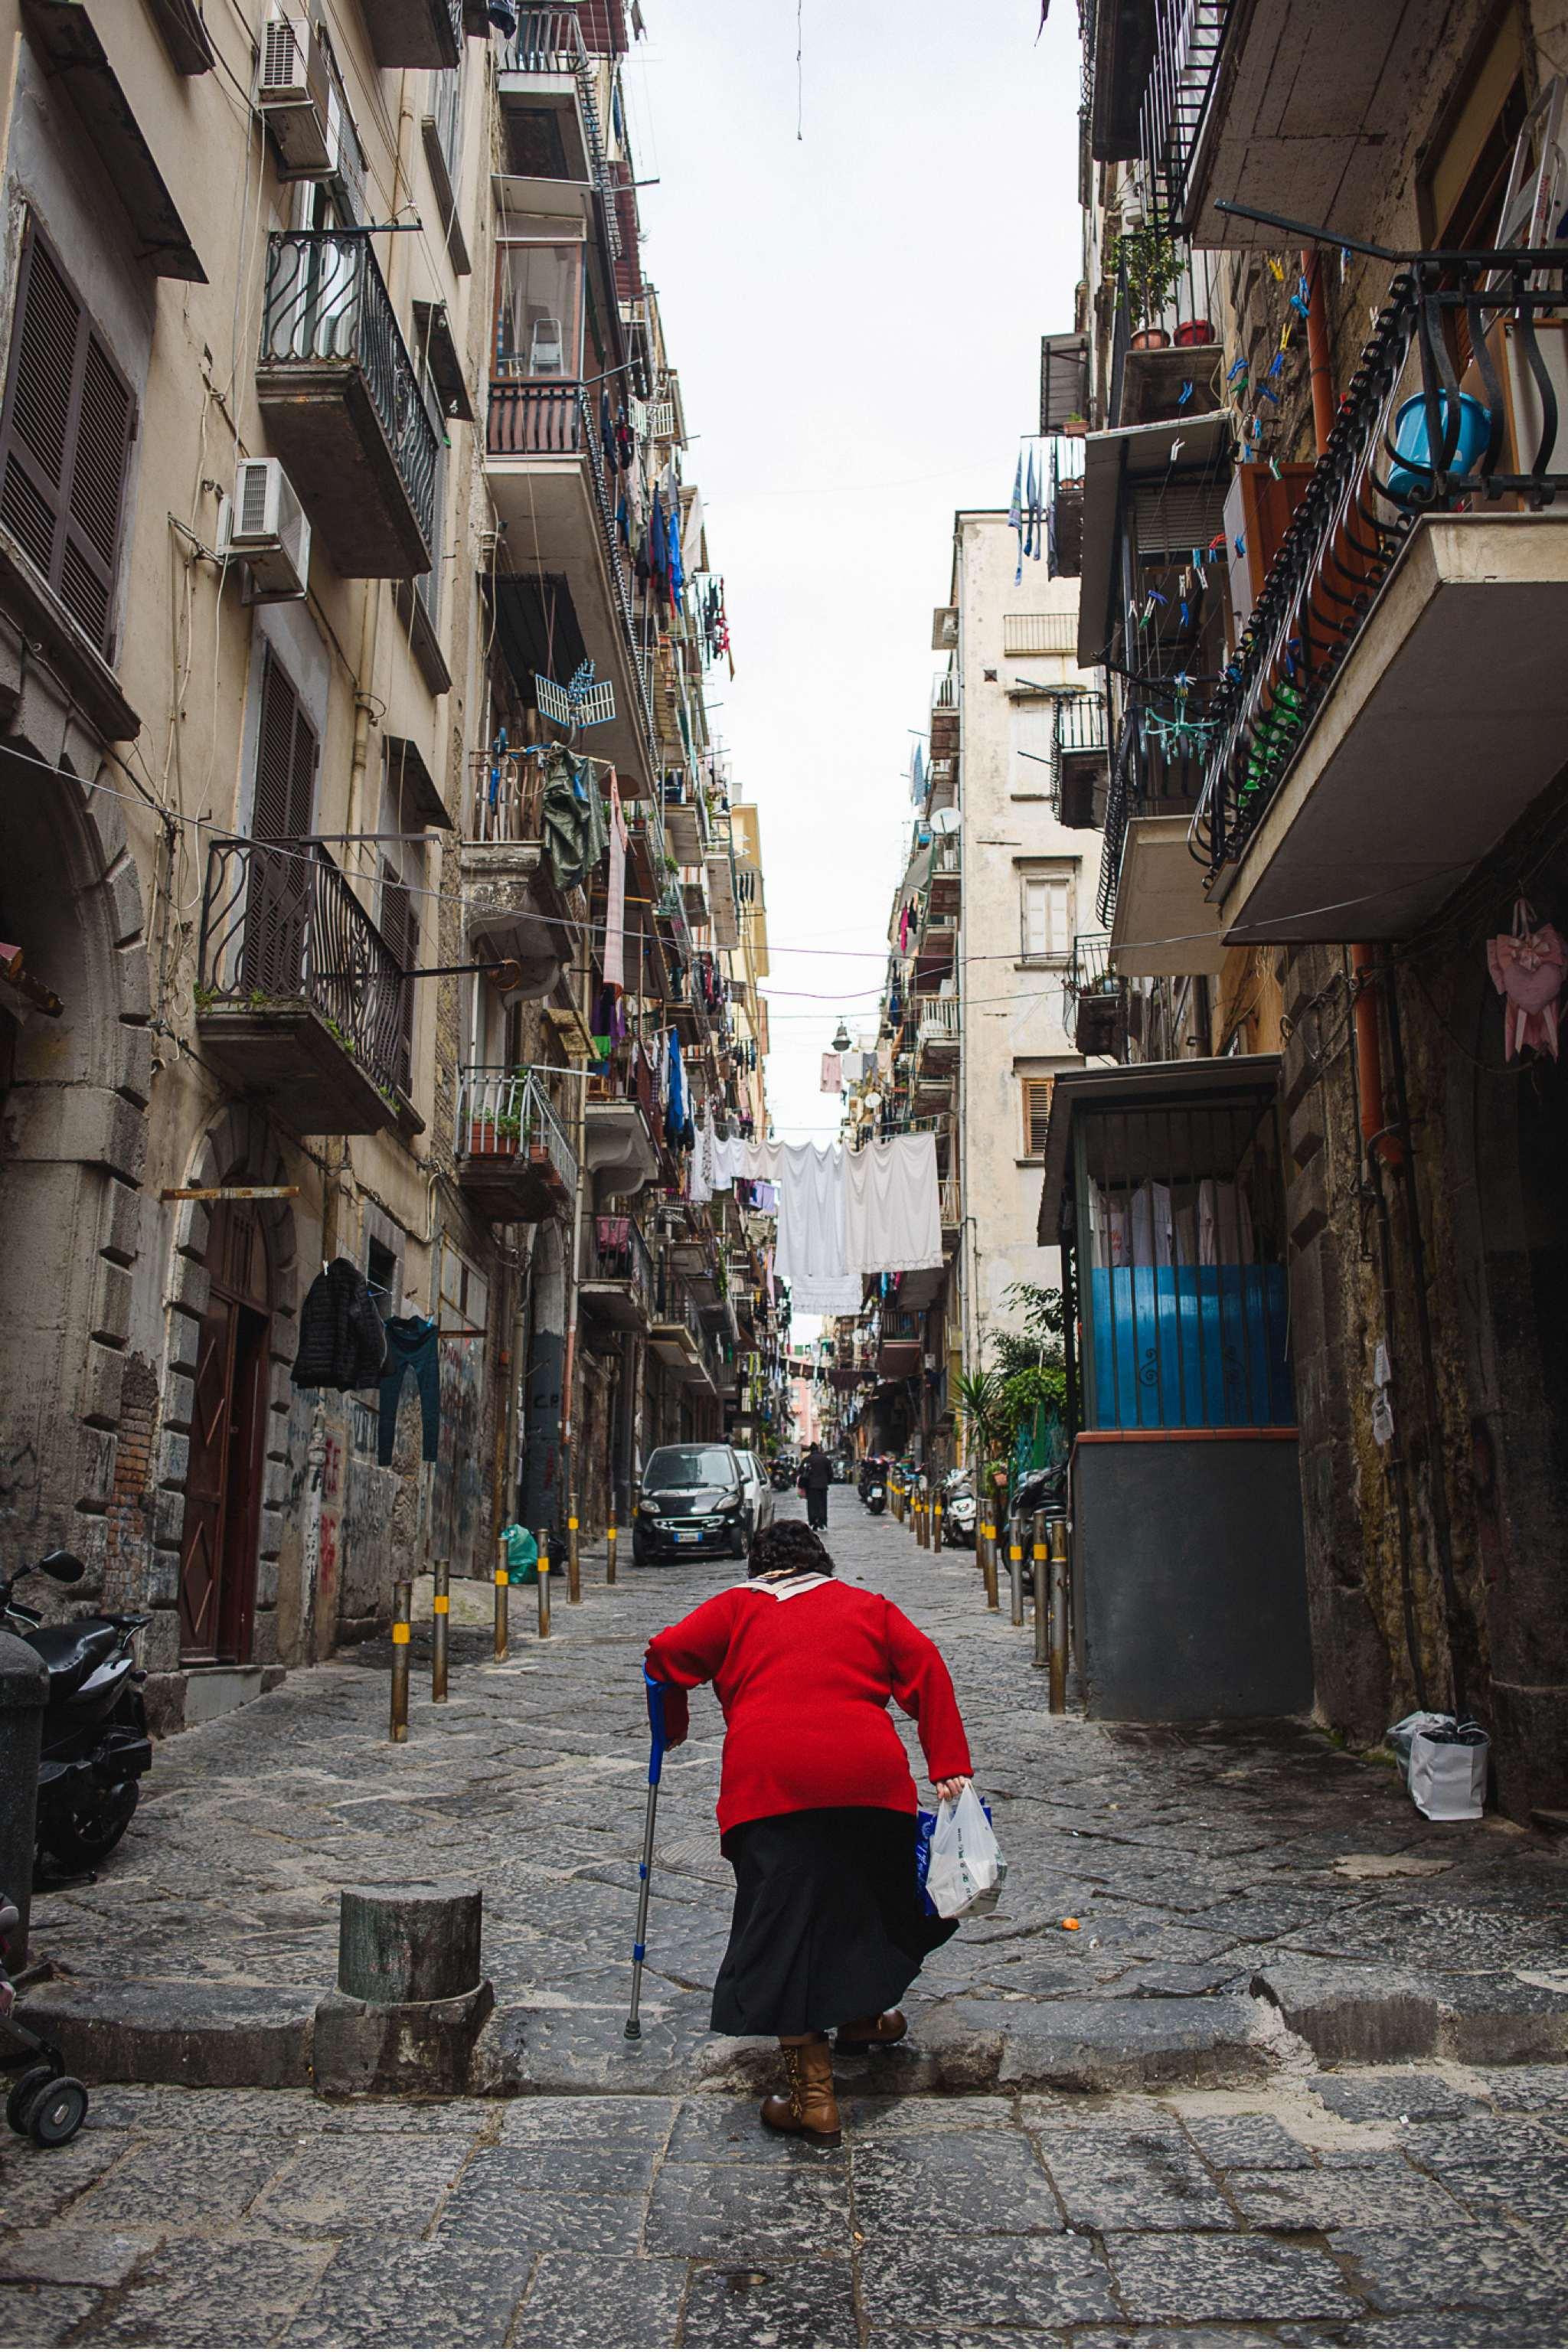 Interrail Reise - Italien Neapel - Geschichten von unterwegs - Foto Daniel Kempf-Seifried-93